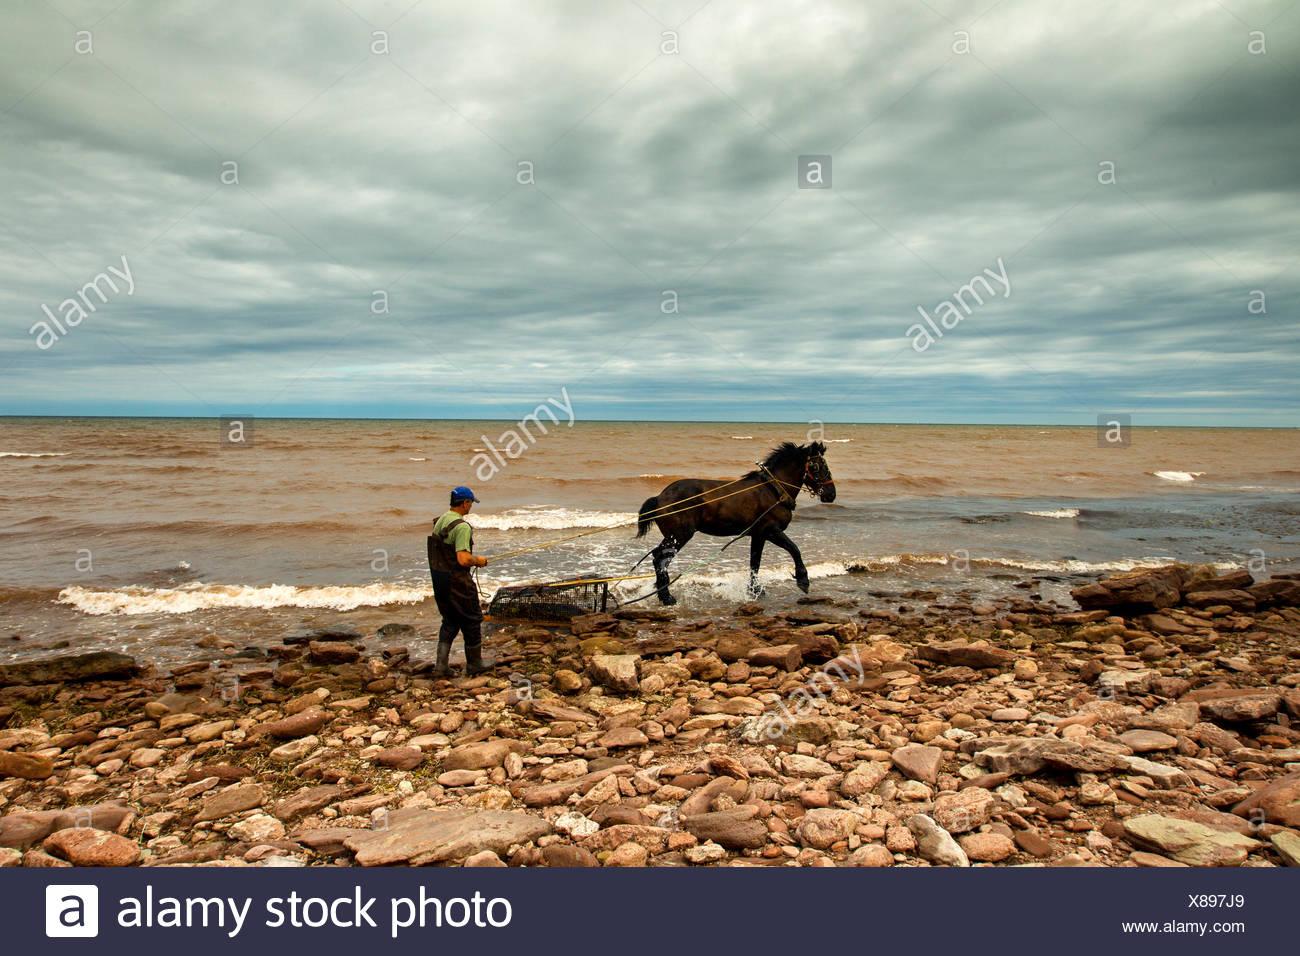 Irish Moss pescatore e Cavallo, Capo Nord, Prince Edward Island, Canada Immagini Stock